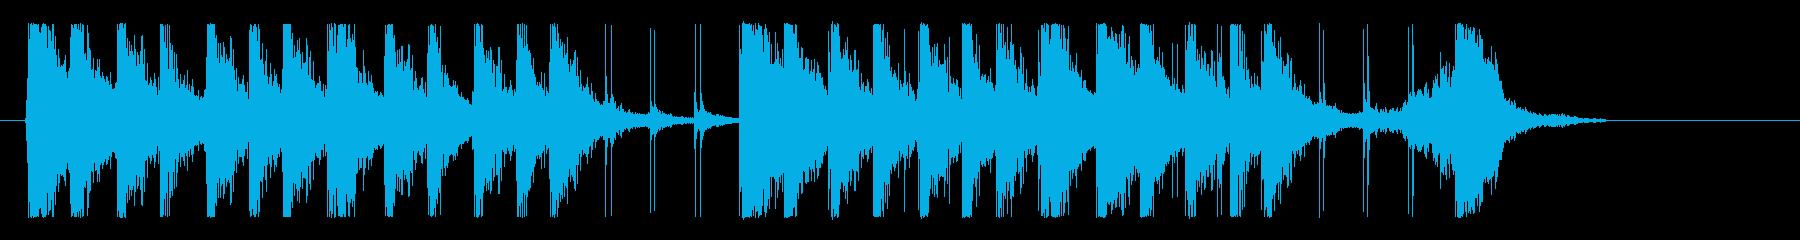 ファンキー、エネルギッシュ!リズムロゴの再生済みの波形